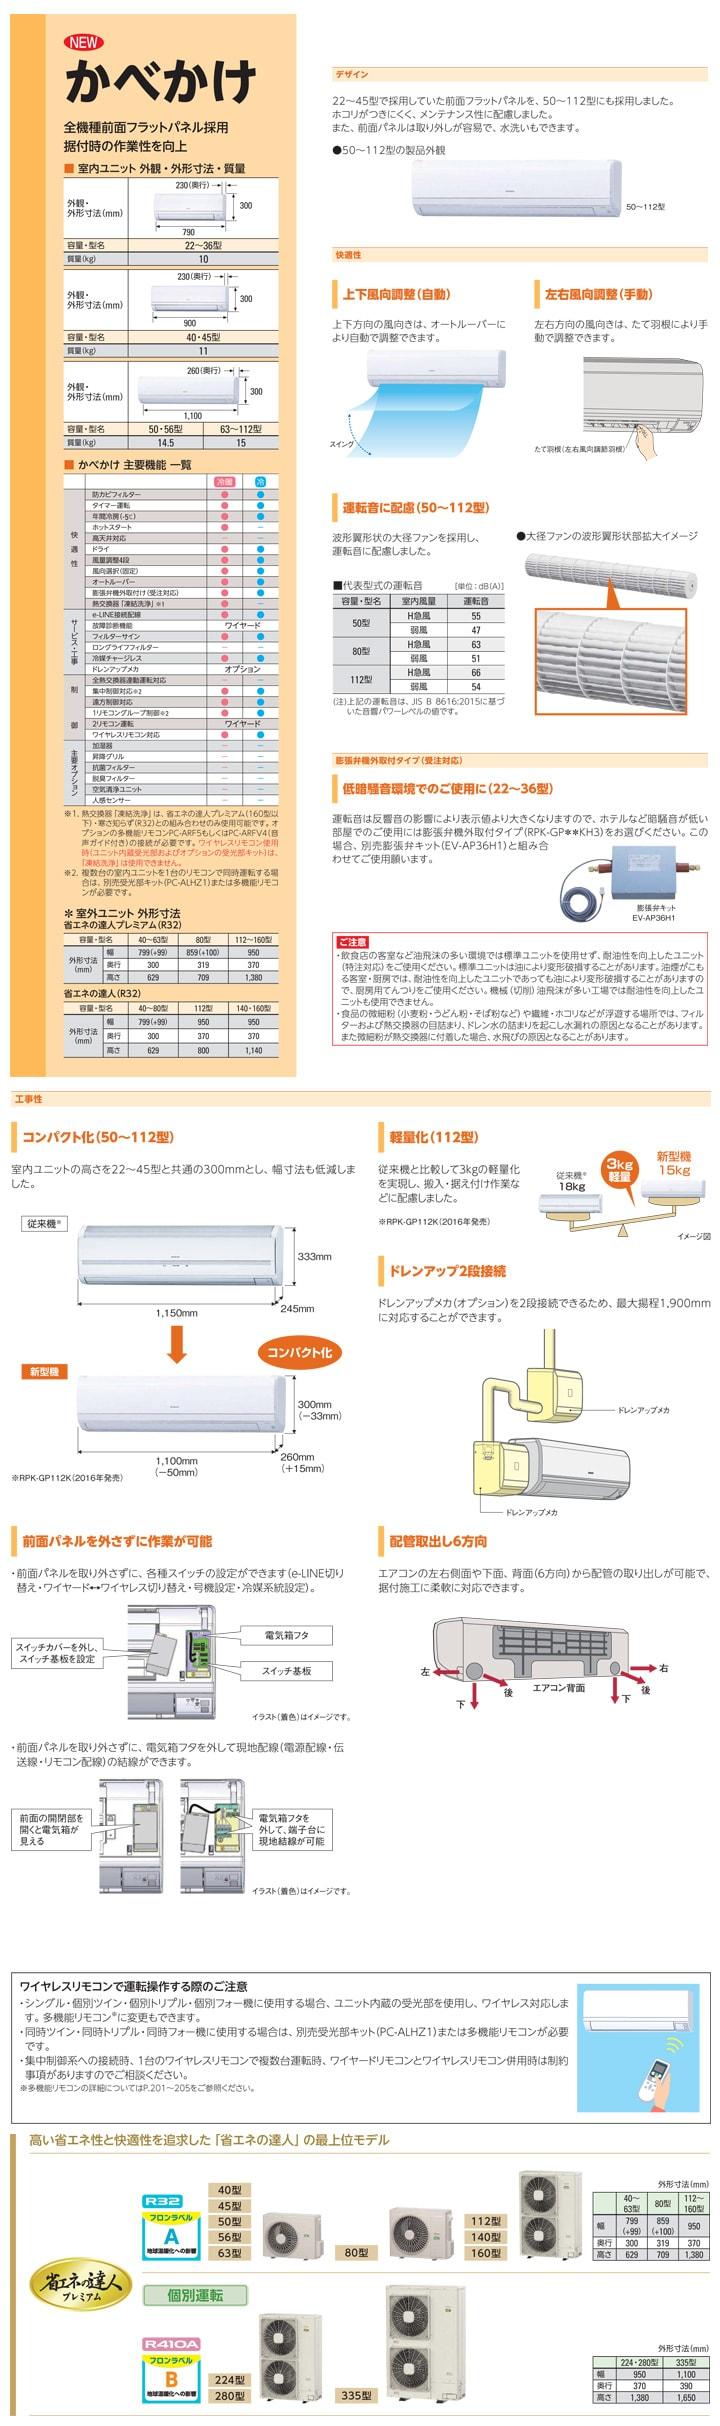 日立 RPK-GP160RGHG3 業務用エアコン